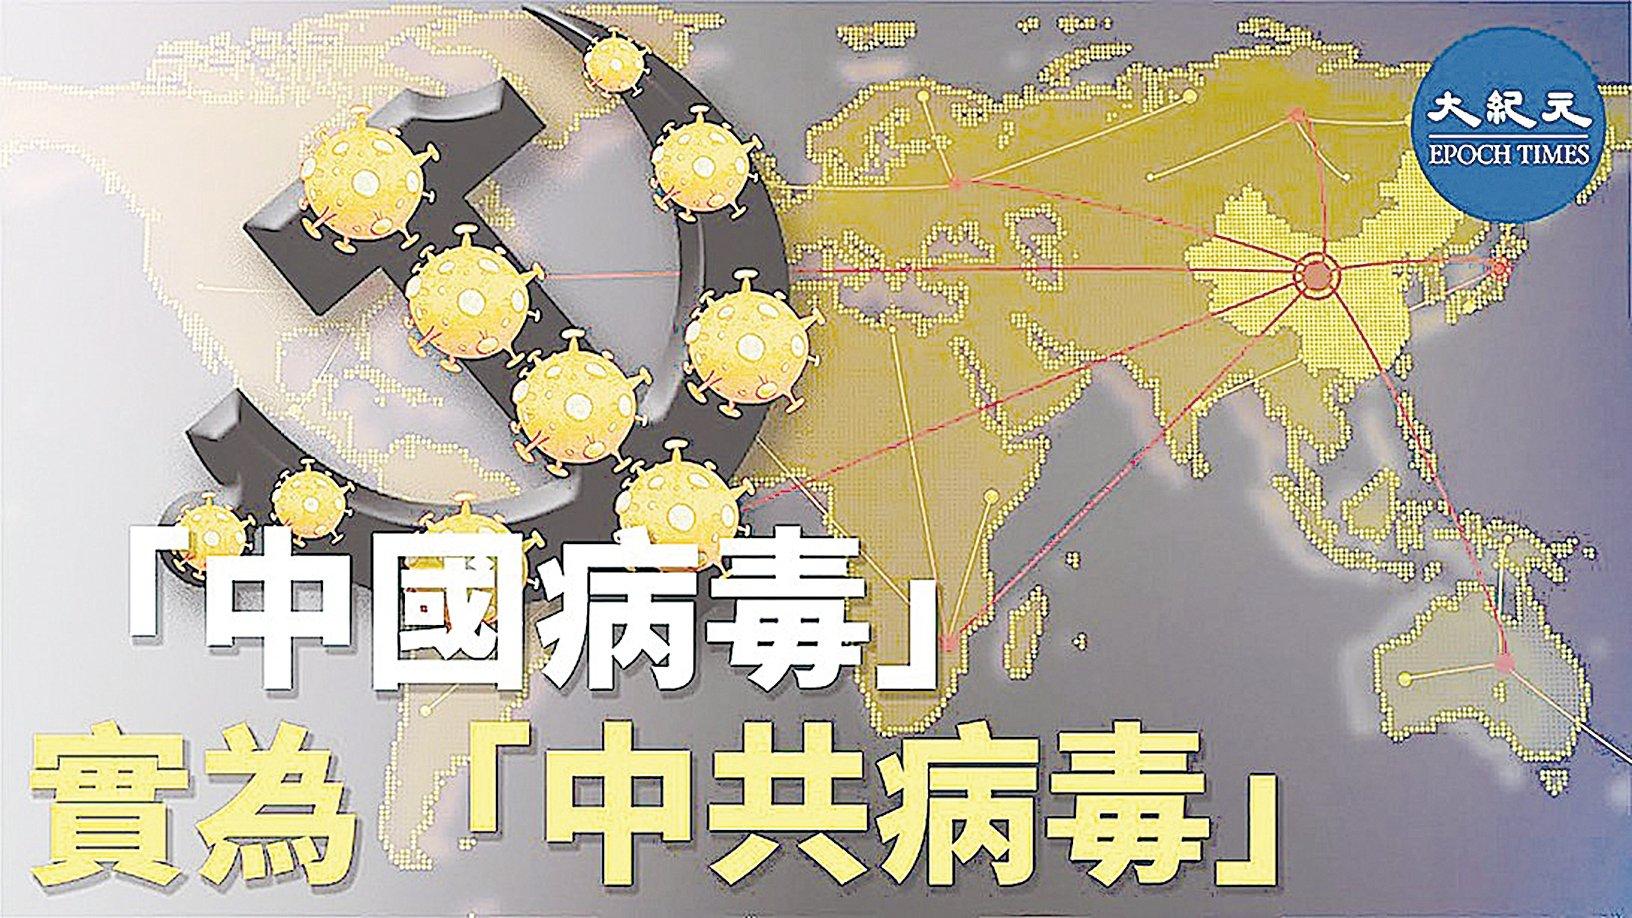 天津暴發疫情,網民質疑中國空氣存大量病毒。(大紀元合成圖)